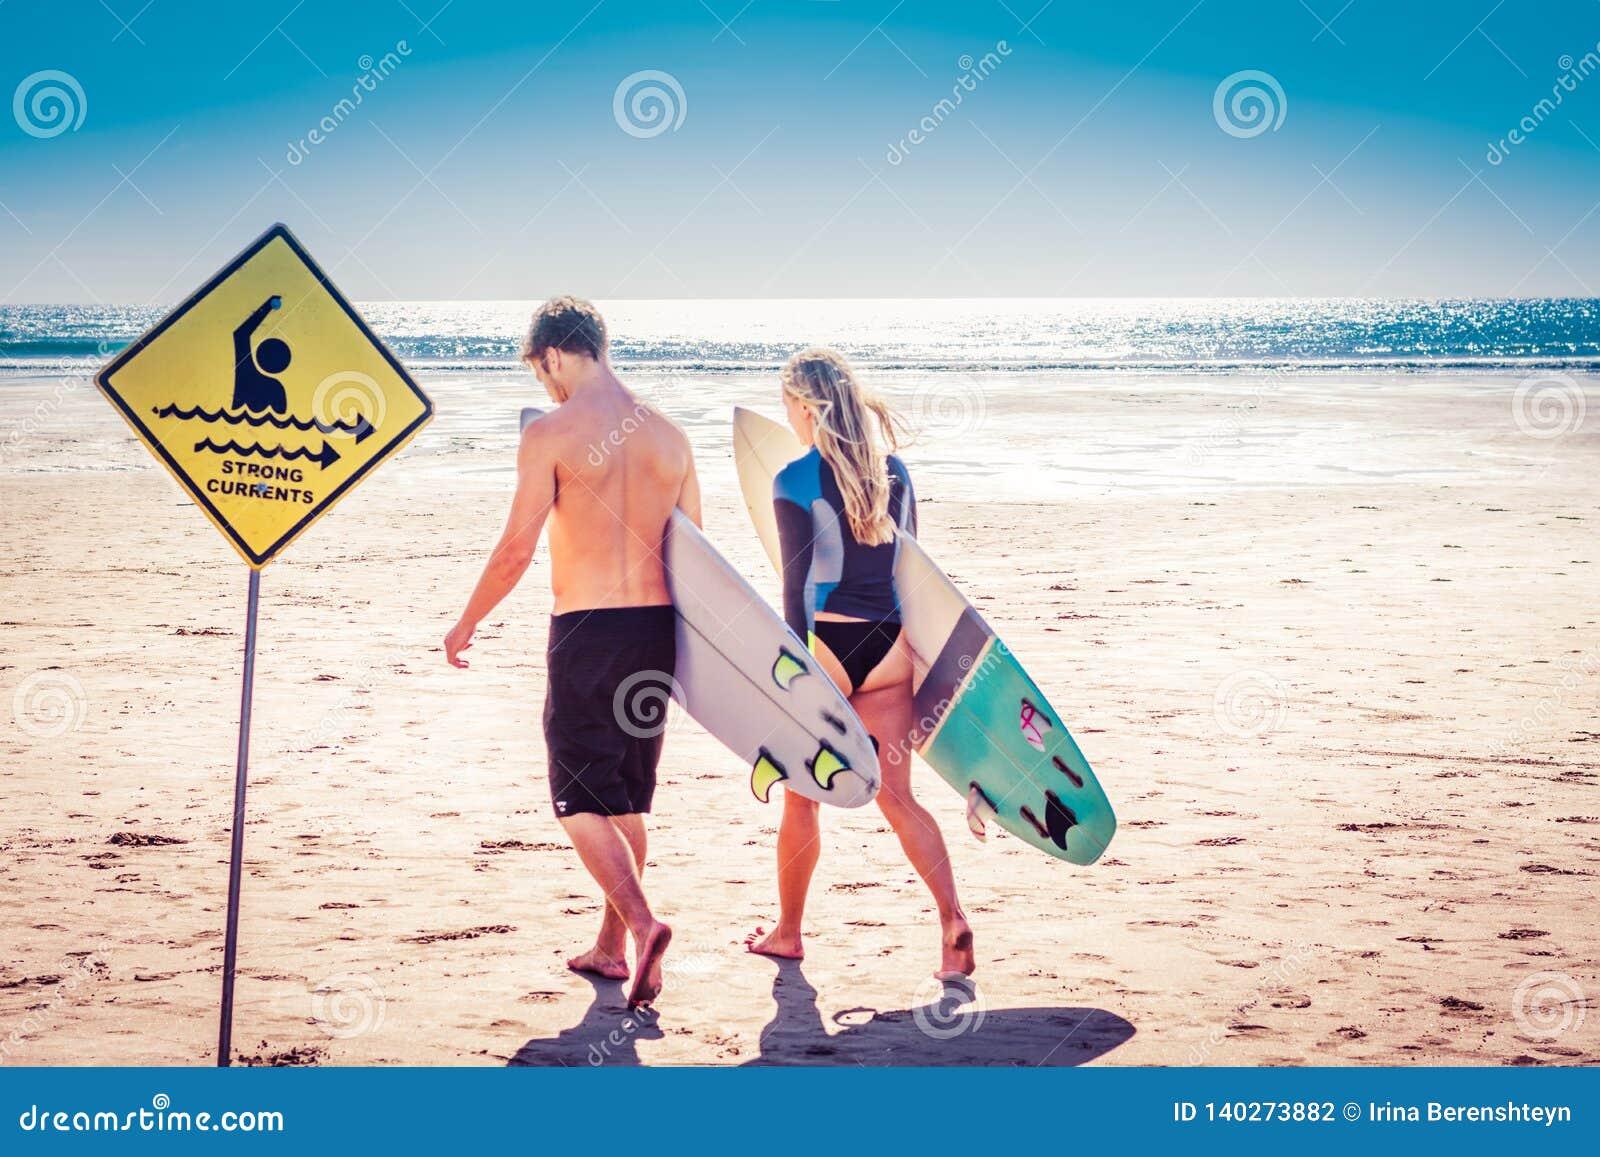 Unga par av surfare som går med där surfingbrädor i väg från fotografen in mot havet förbi starka strömmar